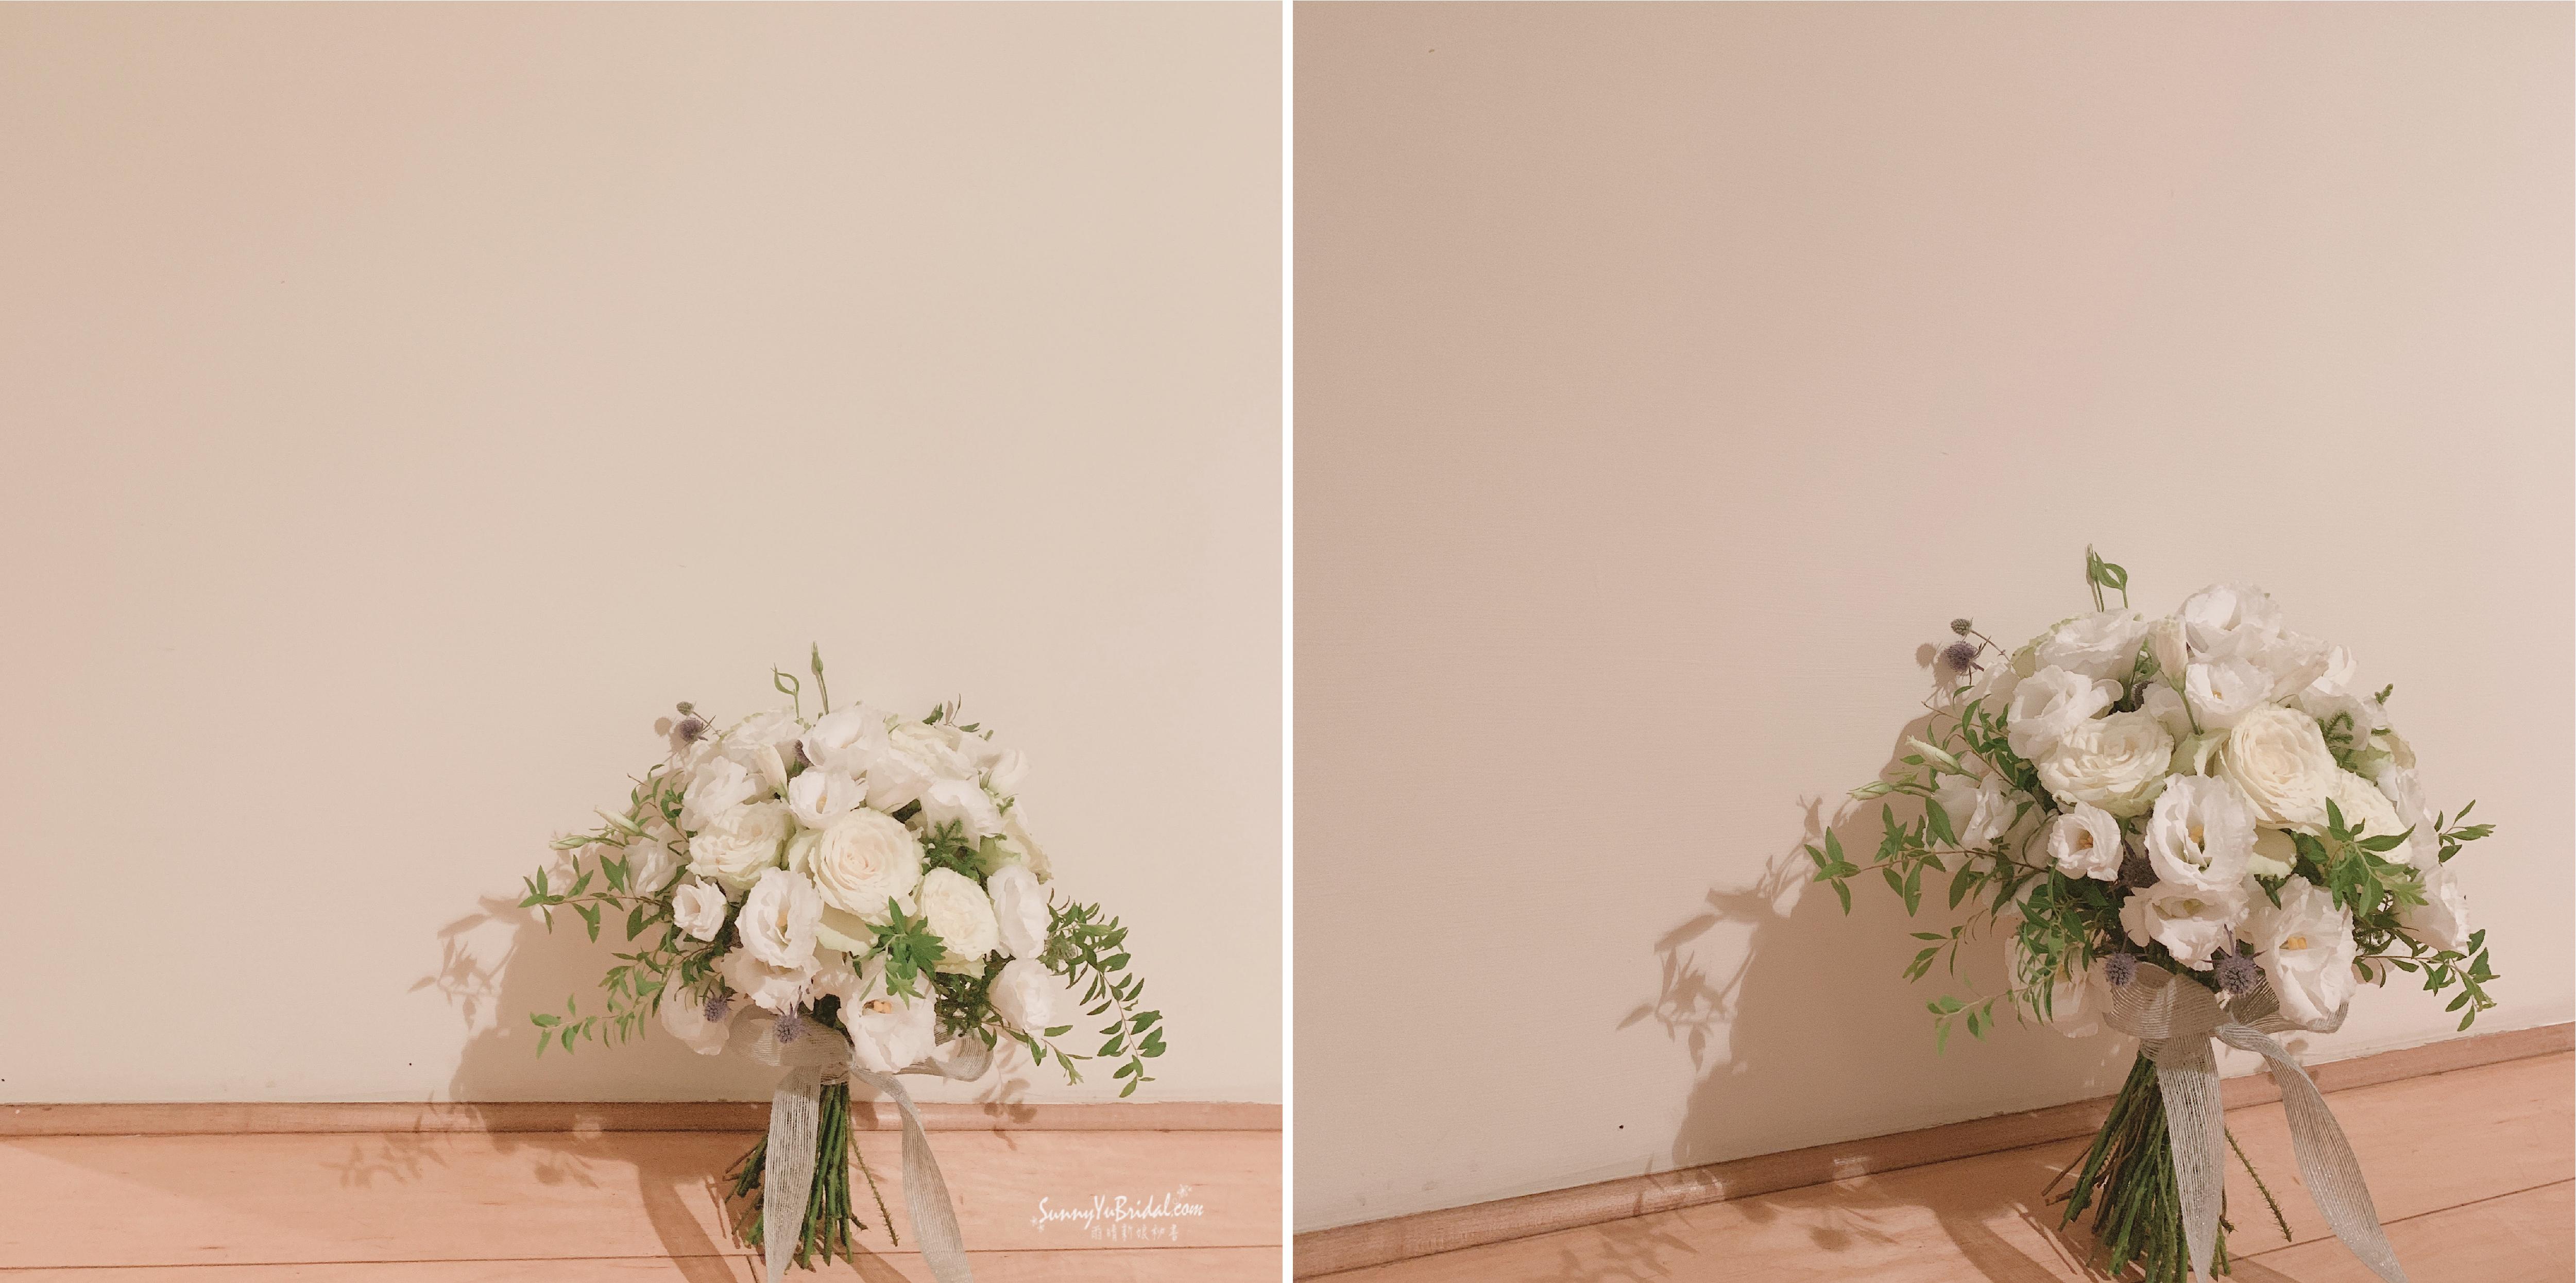 新娘捧花|新郎胸花|捧花訂製|鮮花捧花|台北新娘秘書推薦雨晴|台北南港內湖新秘推薦|手綁捧花|乾燥花|客製捧花|乾燥花胸花|自然系捧花|奔放捧花|玫瑰花桔梗尤加利葉薊花|白綠色捧花